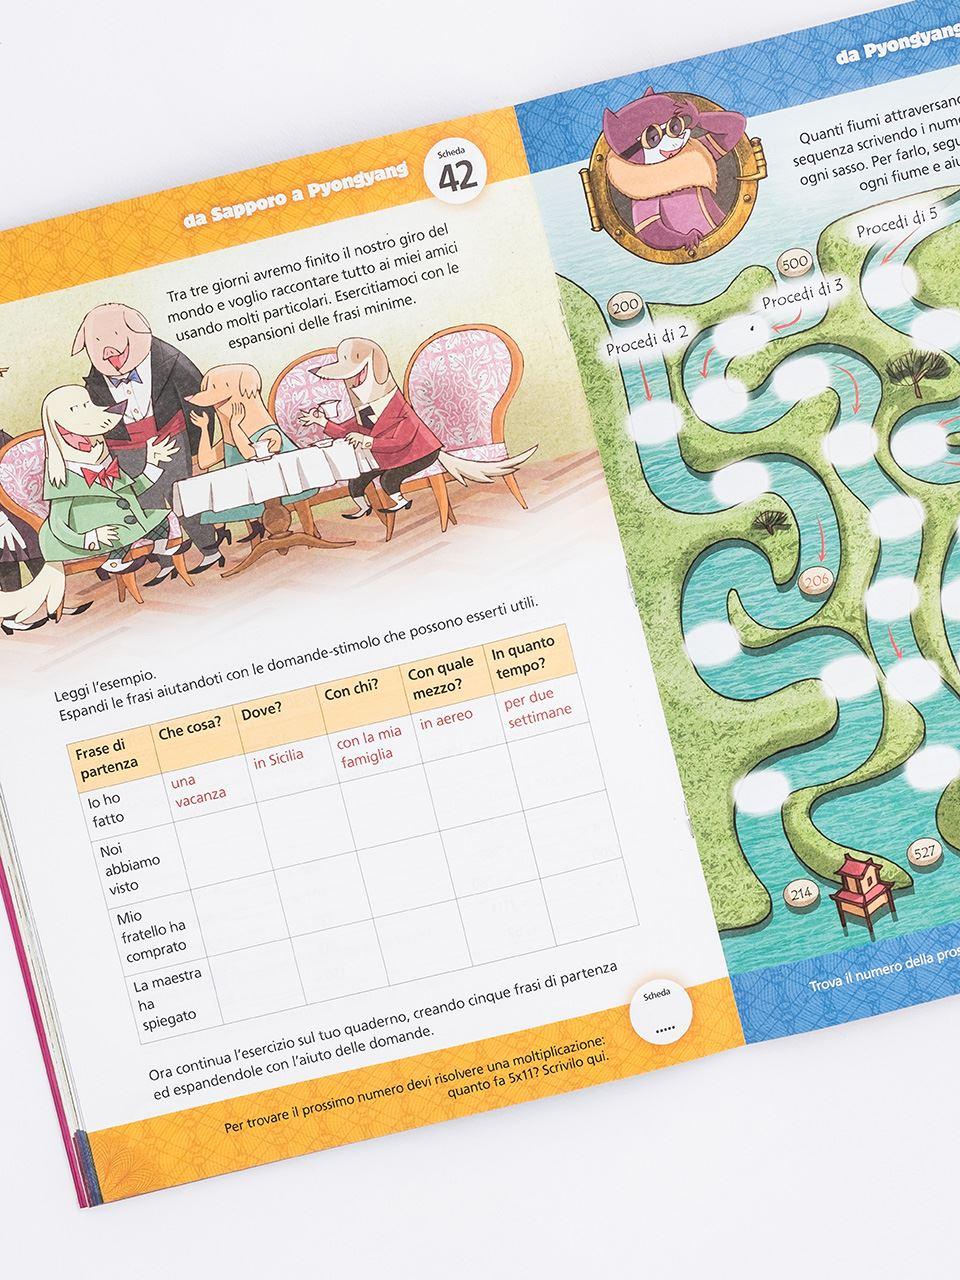 Il giro dei compiti in 80 giorni - Classe terza - Libri - Erickson 2